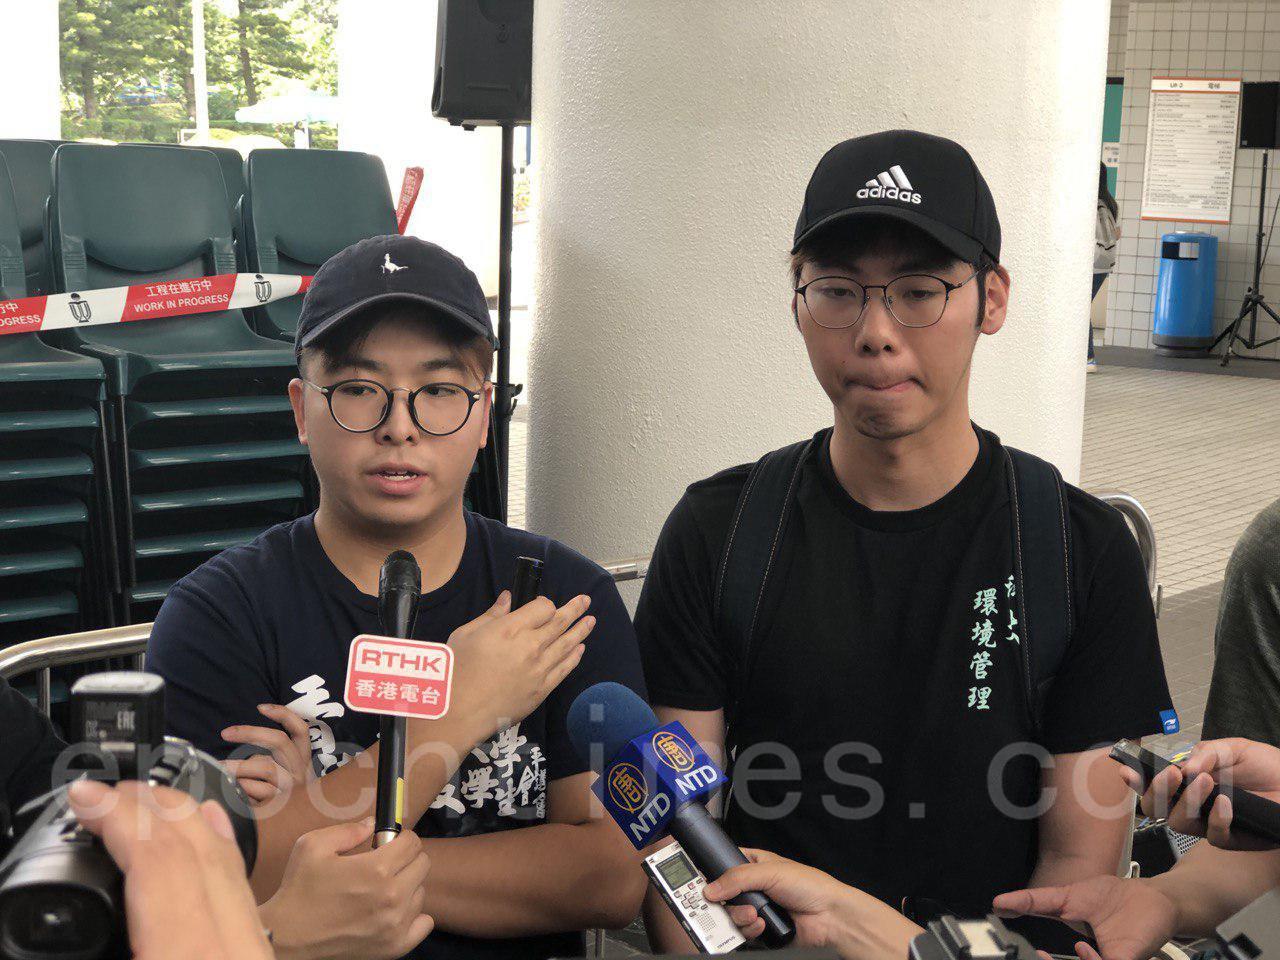 11月1日科大學生集會,要求校方落實學生校董符佩瑩的委任。學生會評議會主席張恆遠(左)與學生會評議會委員莫傲峯(右)接受媒體採訪。(余天佑/大紀元)